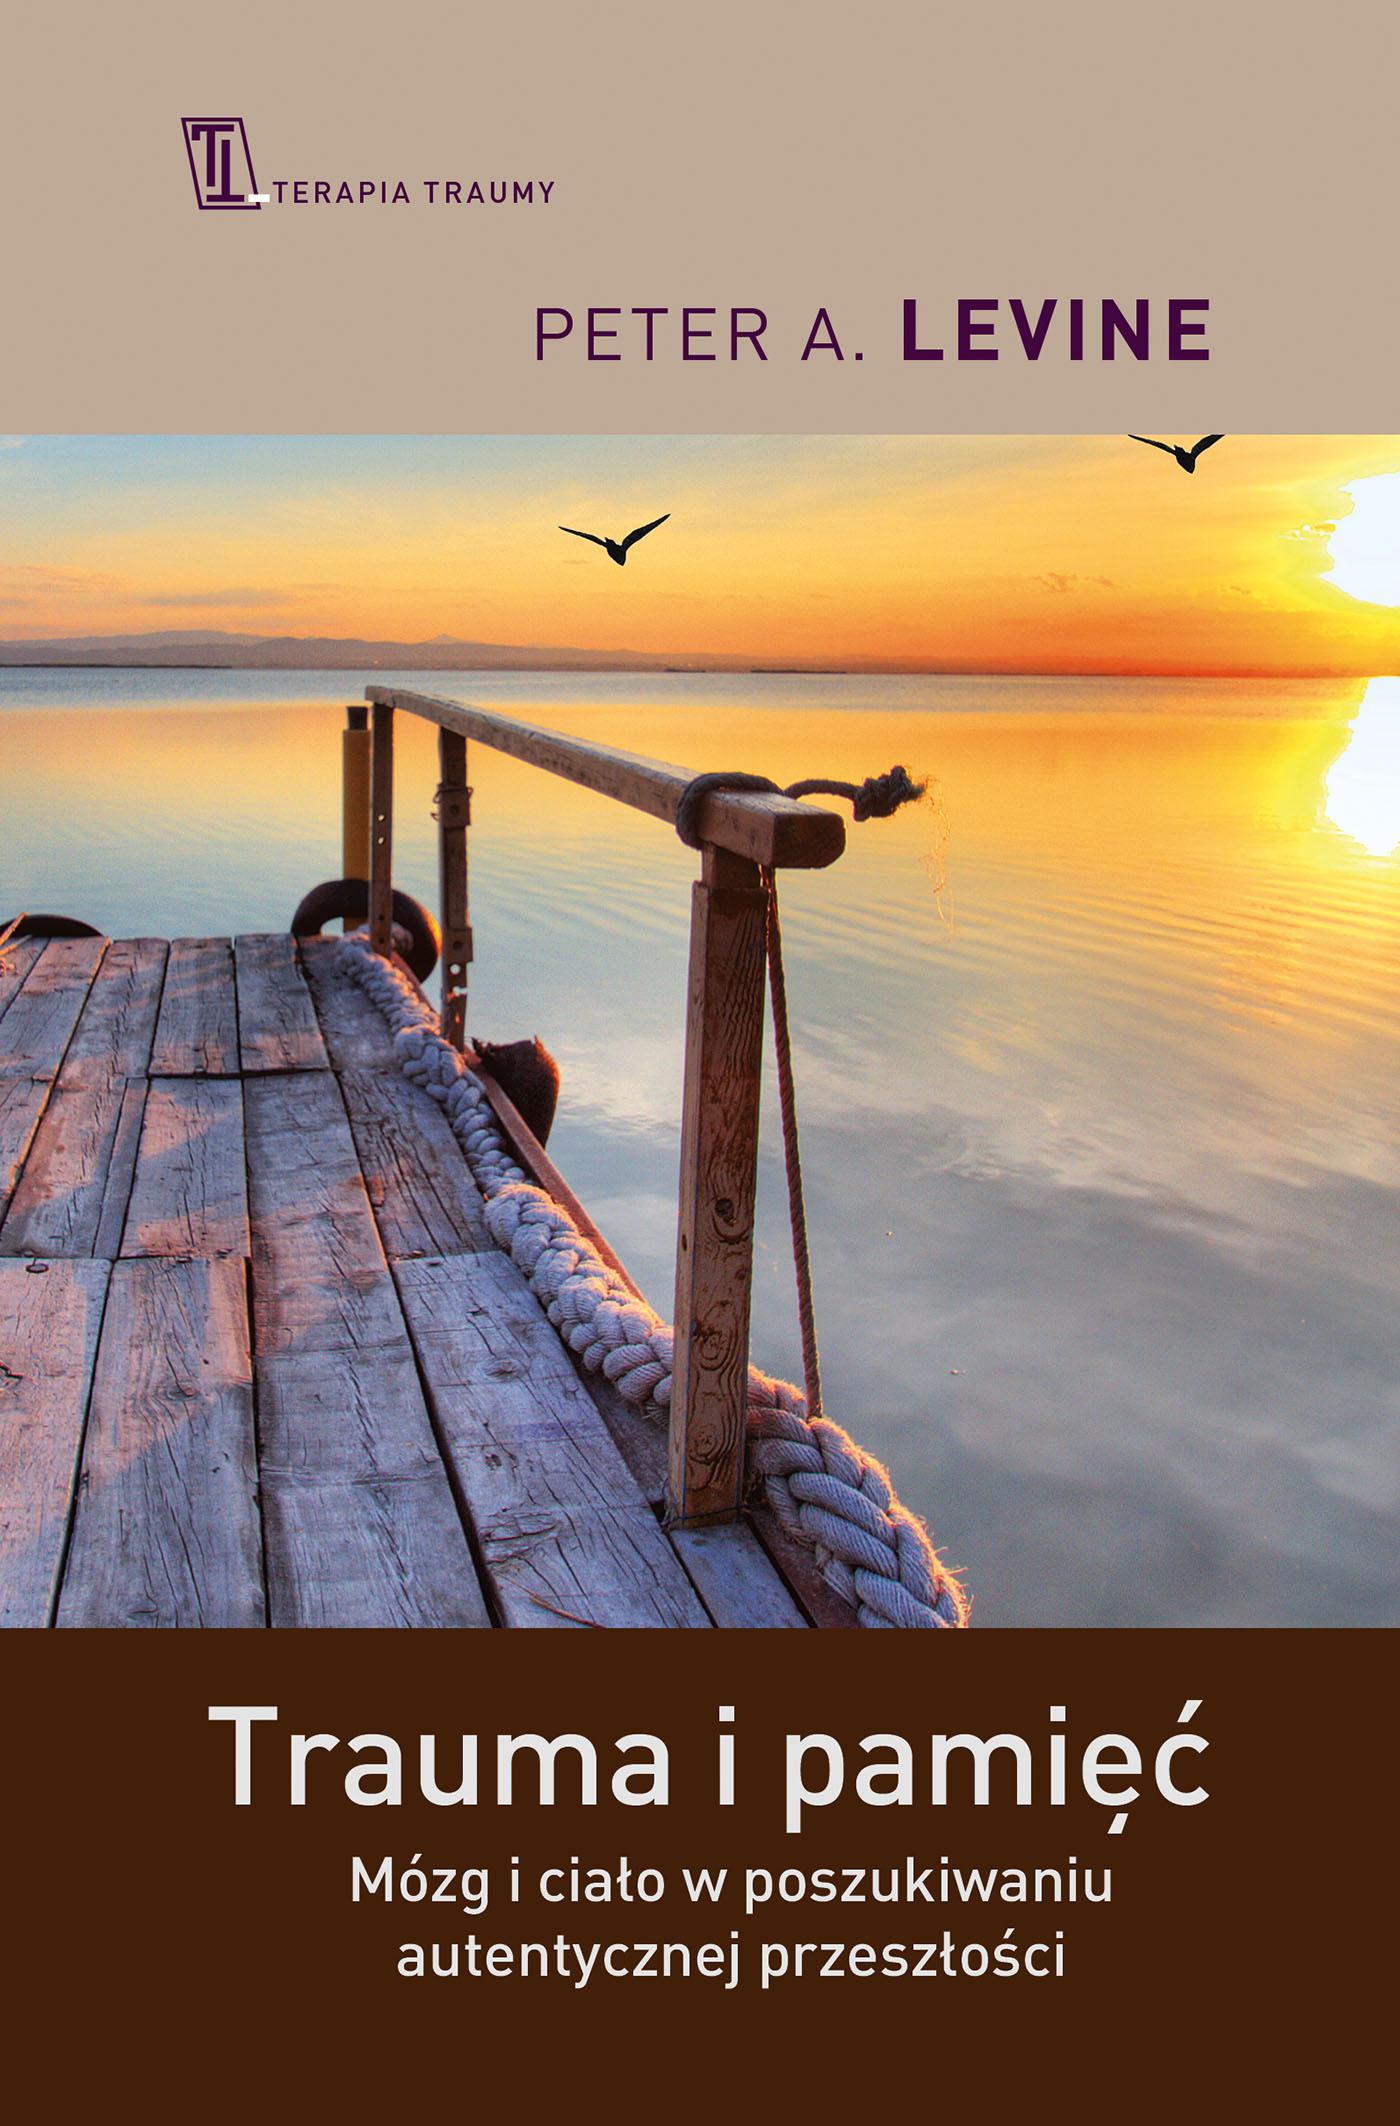 Trauma i pamięć